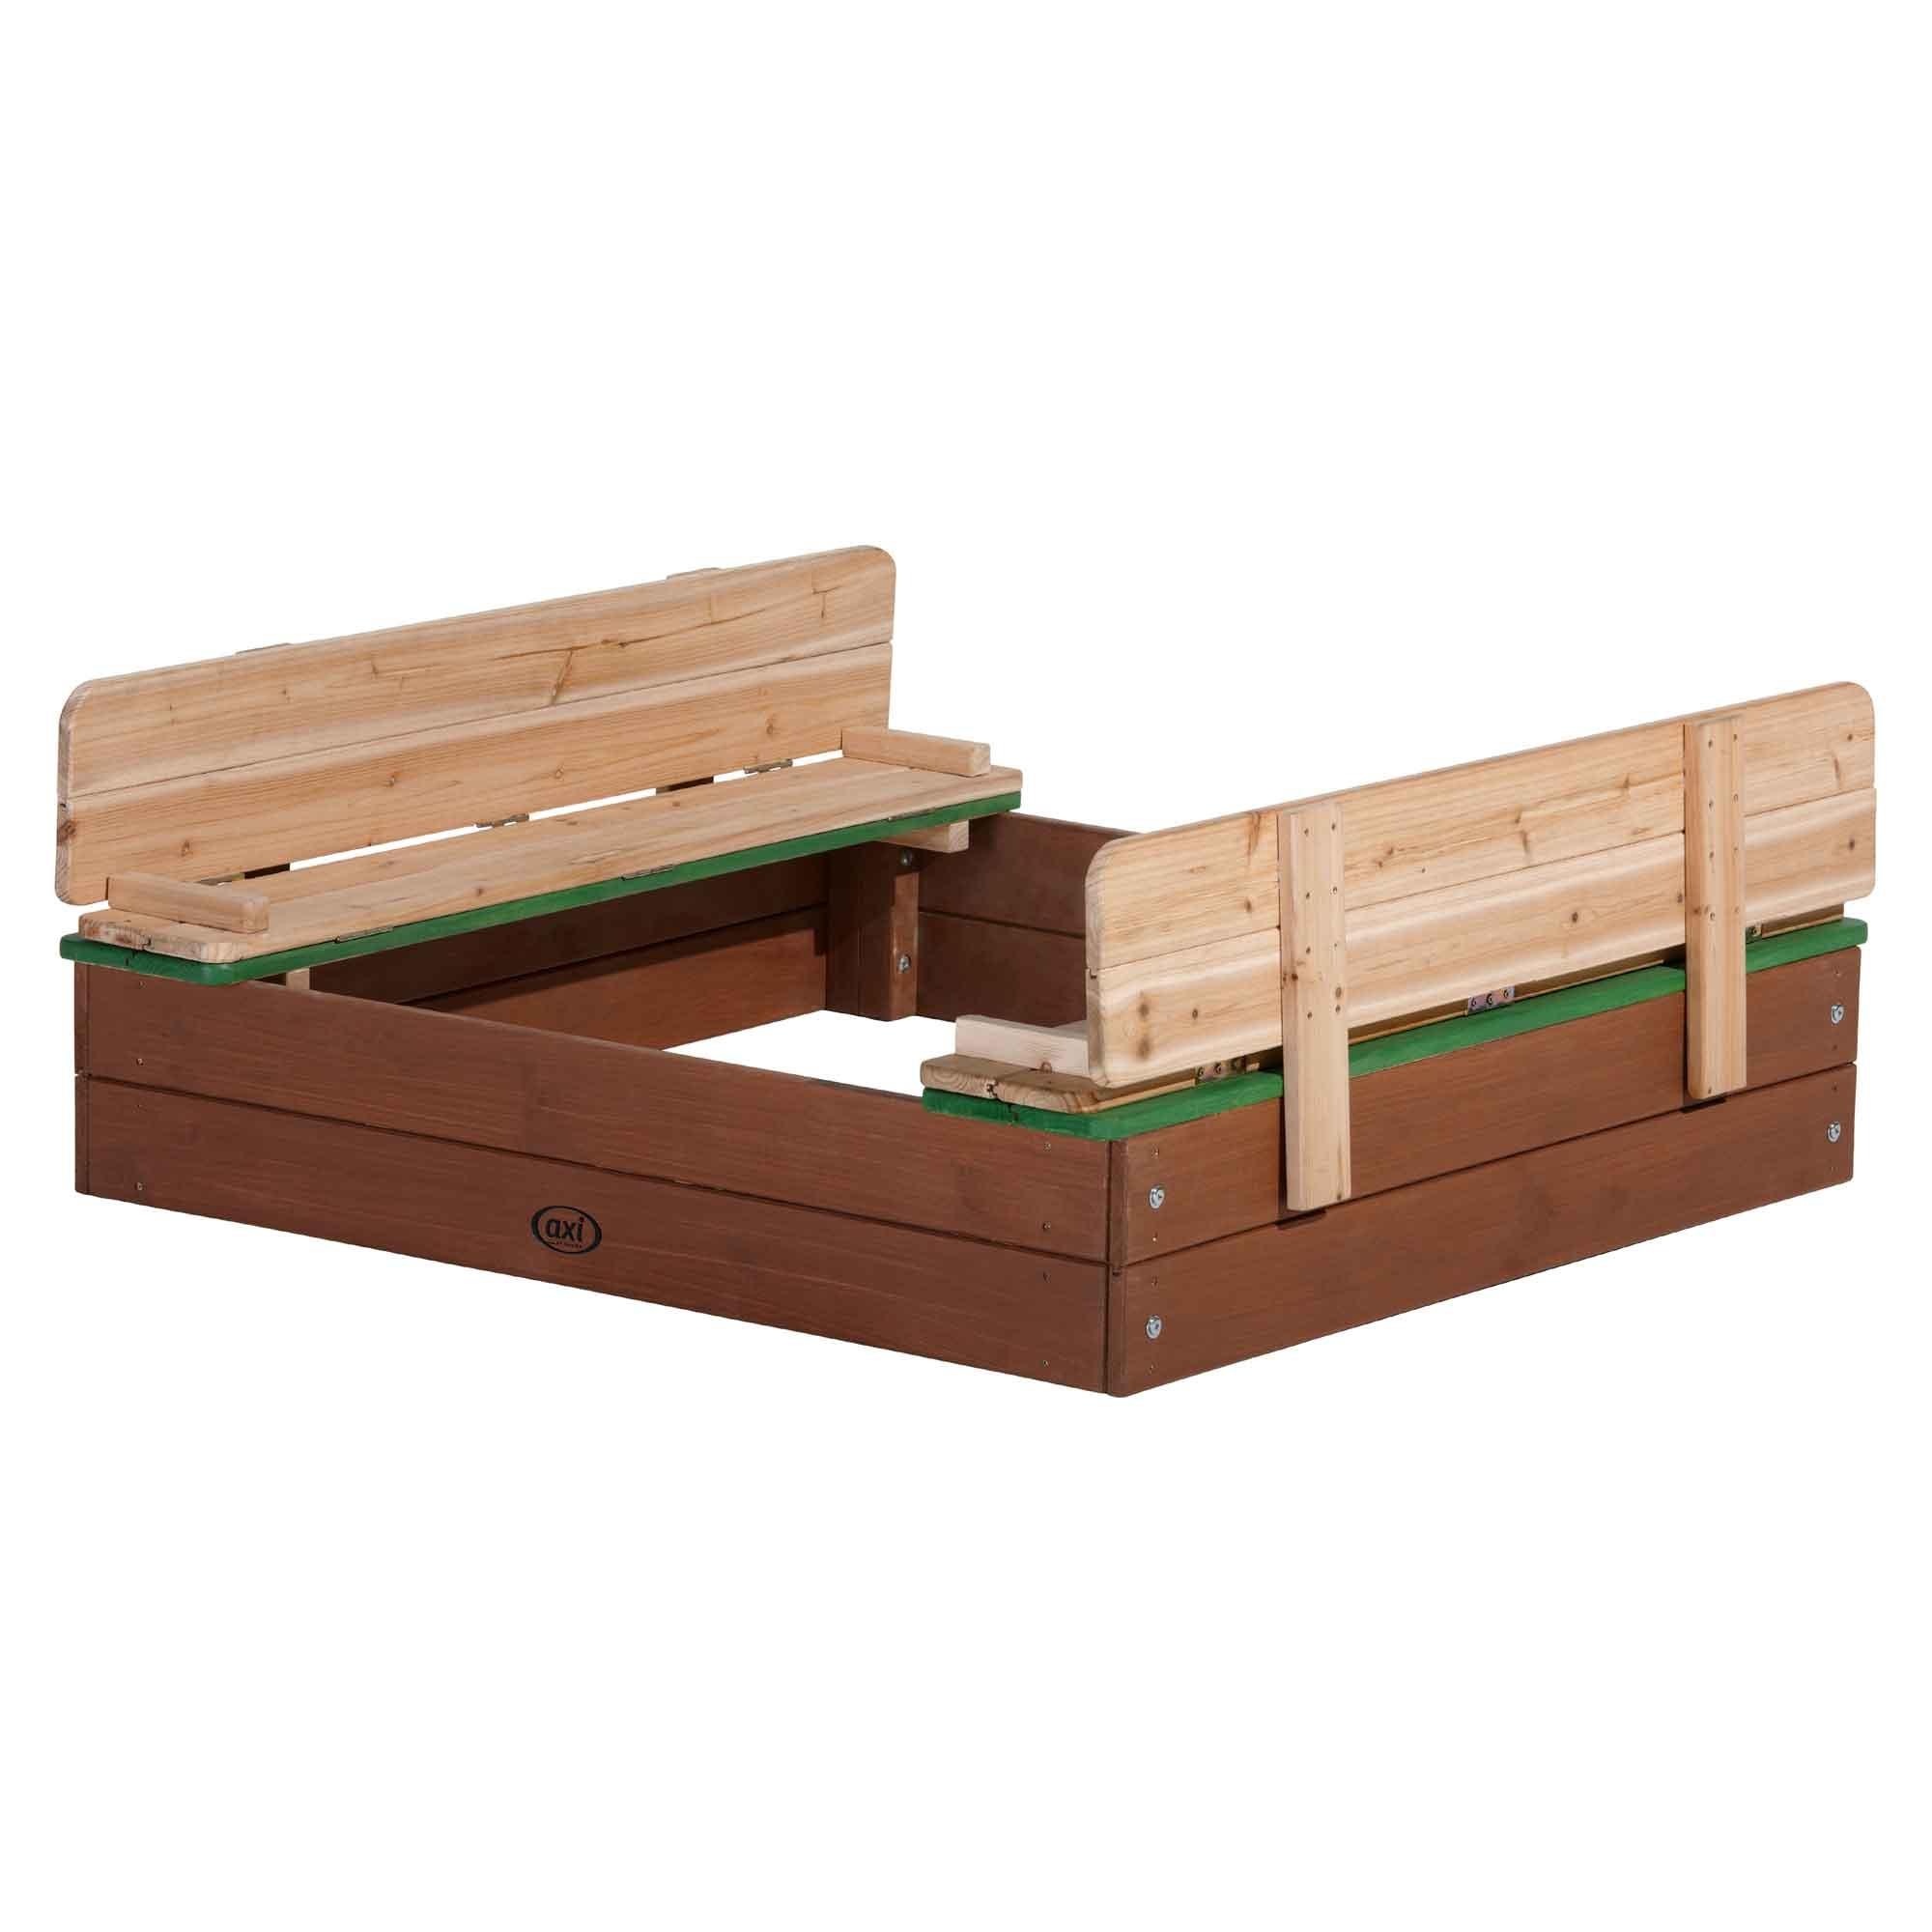 Bac à sable en bois avec bancs